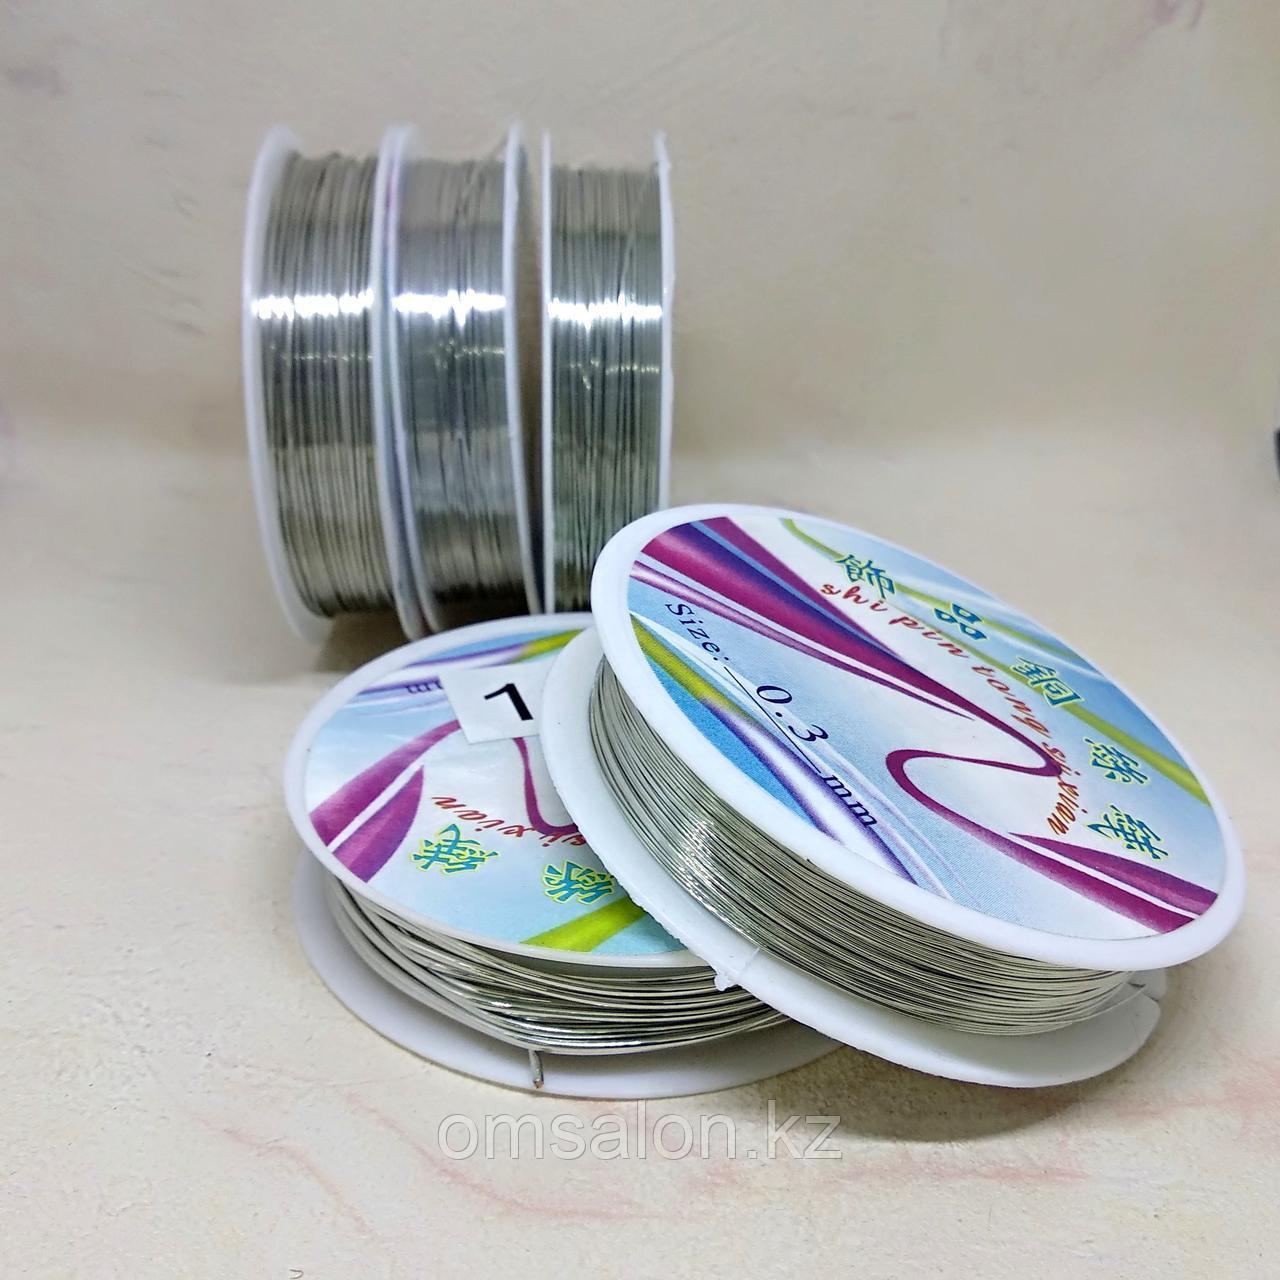 Проволока ювелирная, 0.3, 0.4, 0,5, 0.6, 0.8, 1.0 мм